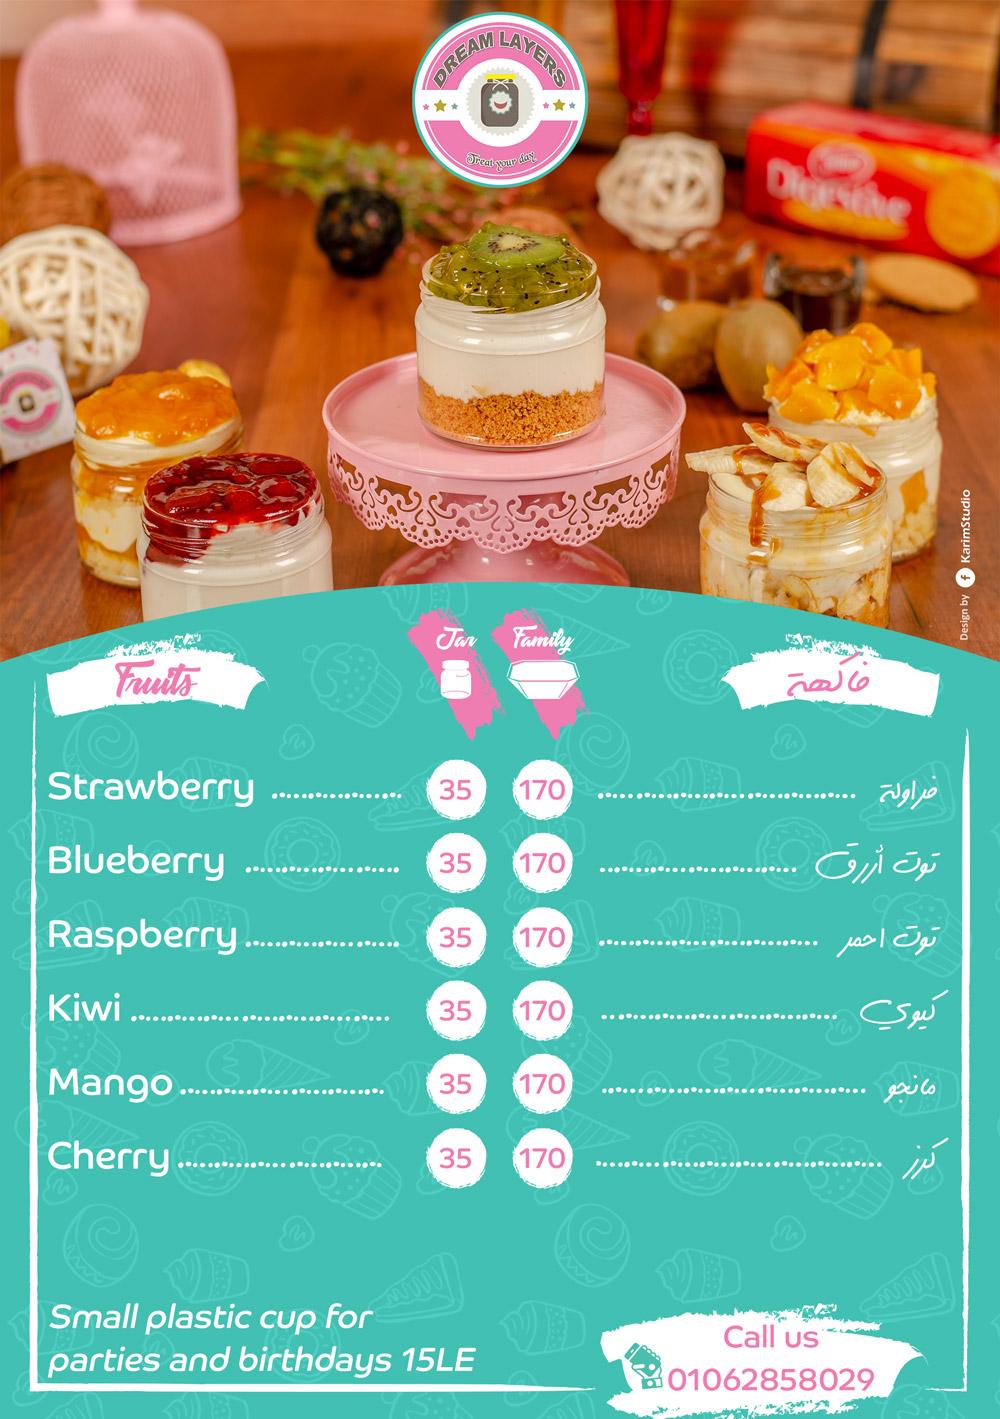 menu-v2menu-01